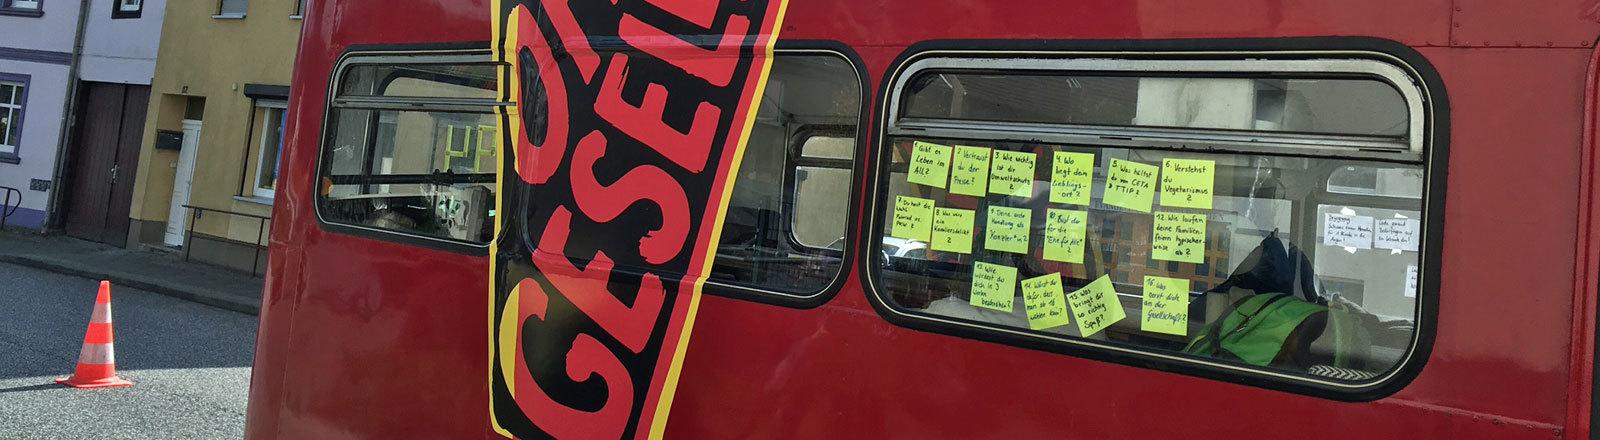 Der Bus der Begegnungen stellt Fragen